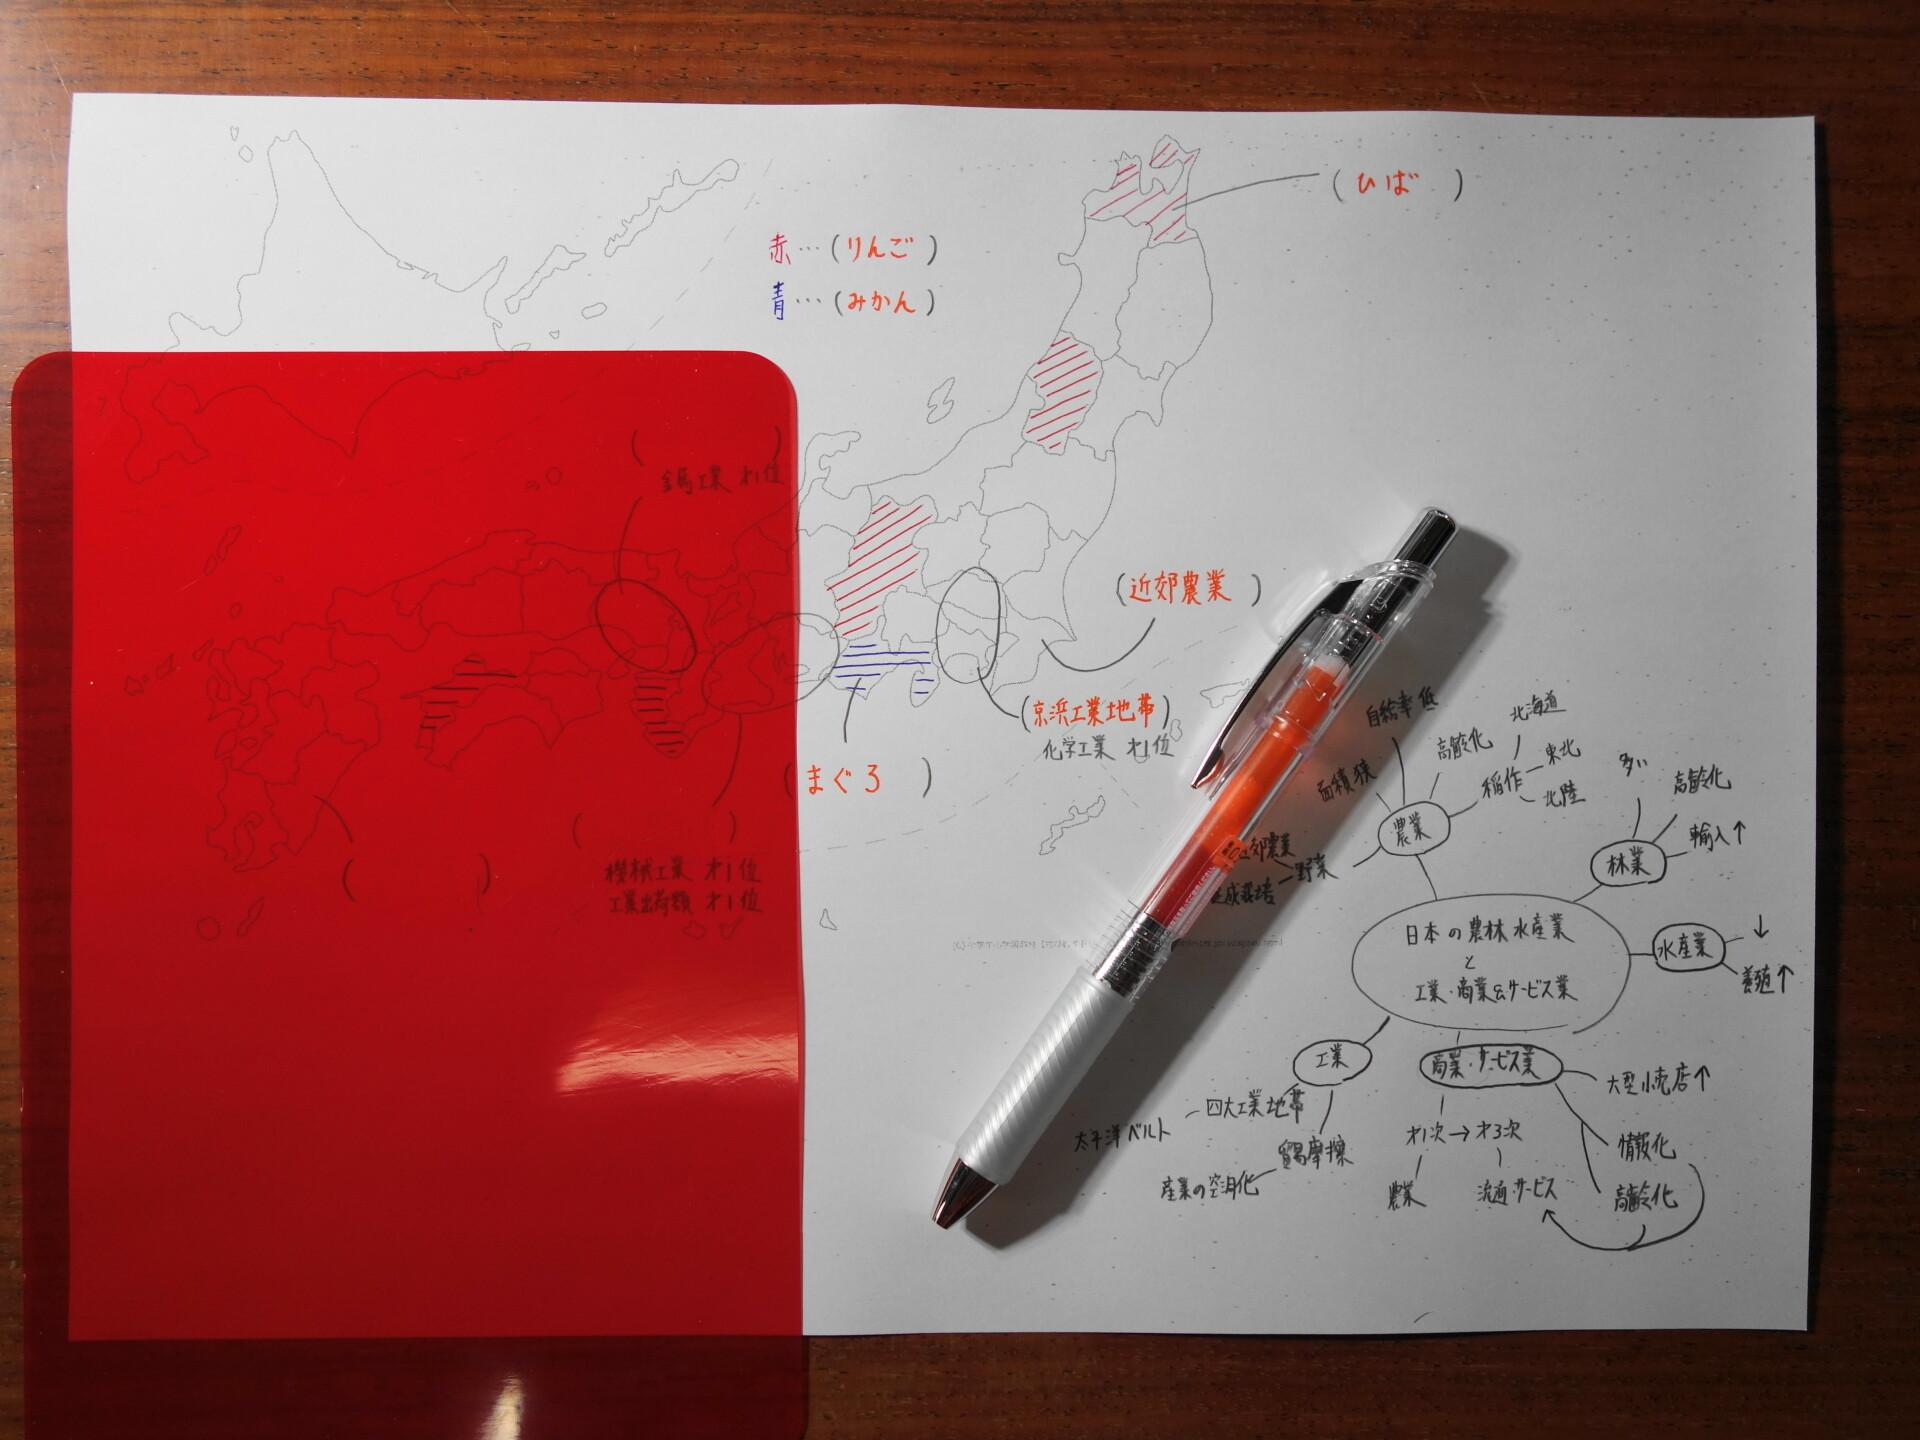 日本の白地図に書き込んだまとめノート